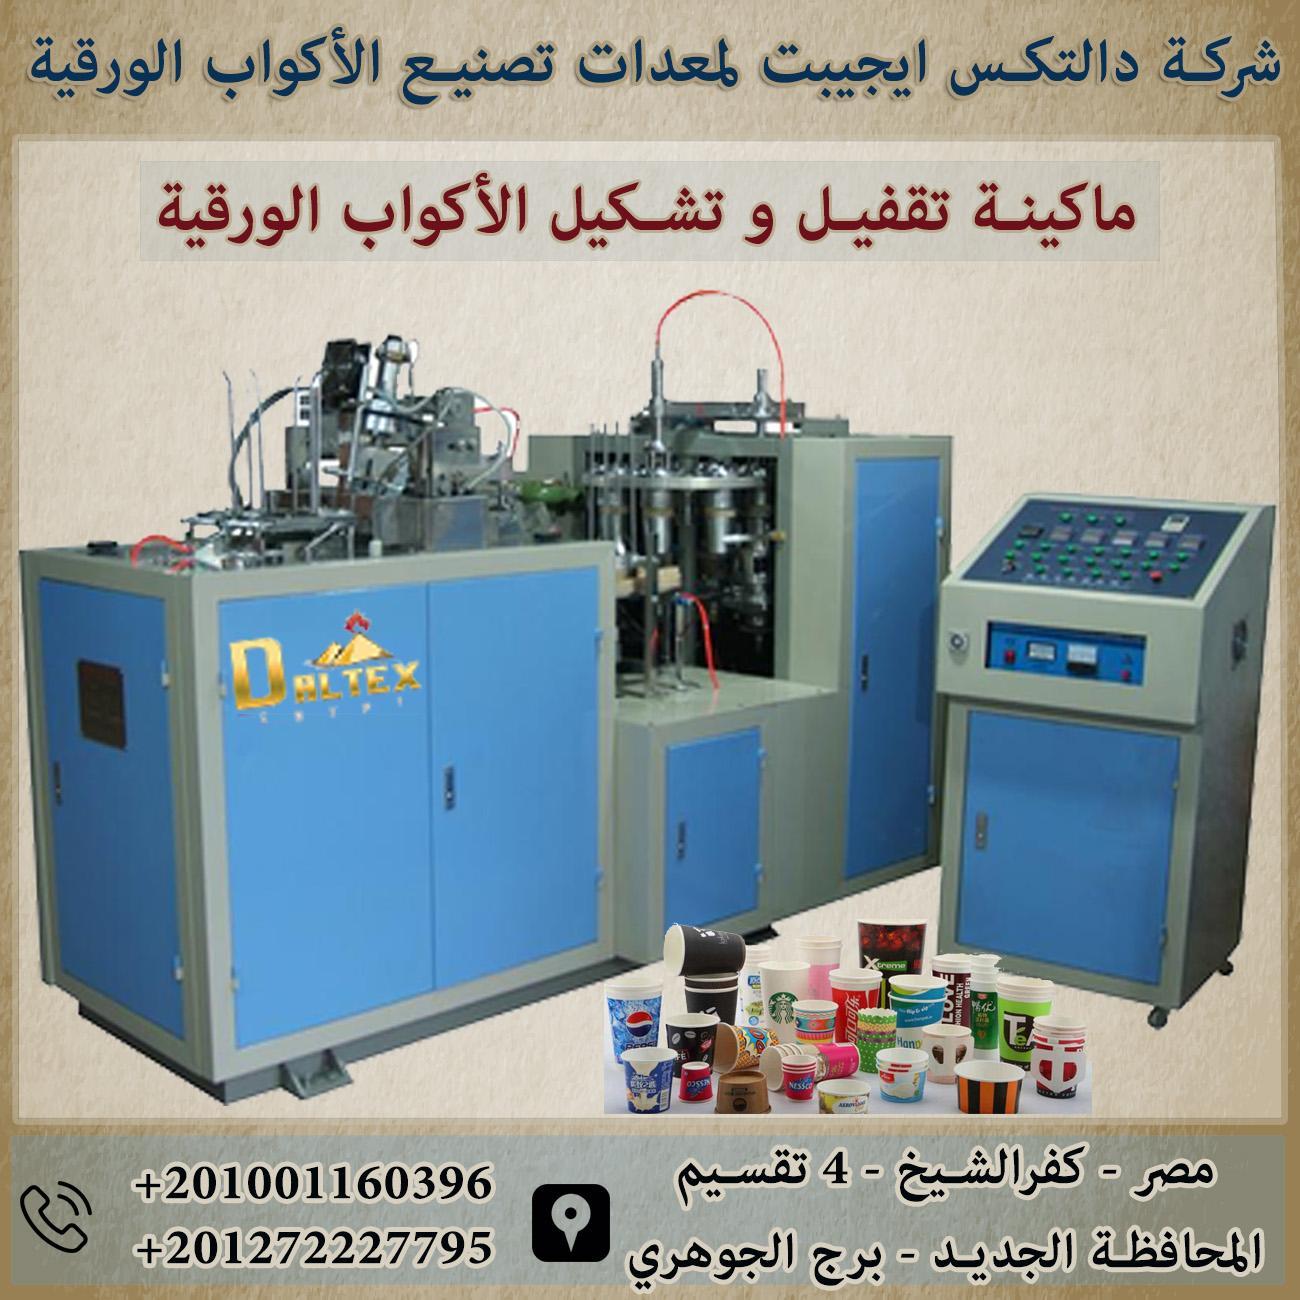 ماكينه صناعة الاكواب الورقيه